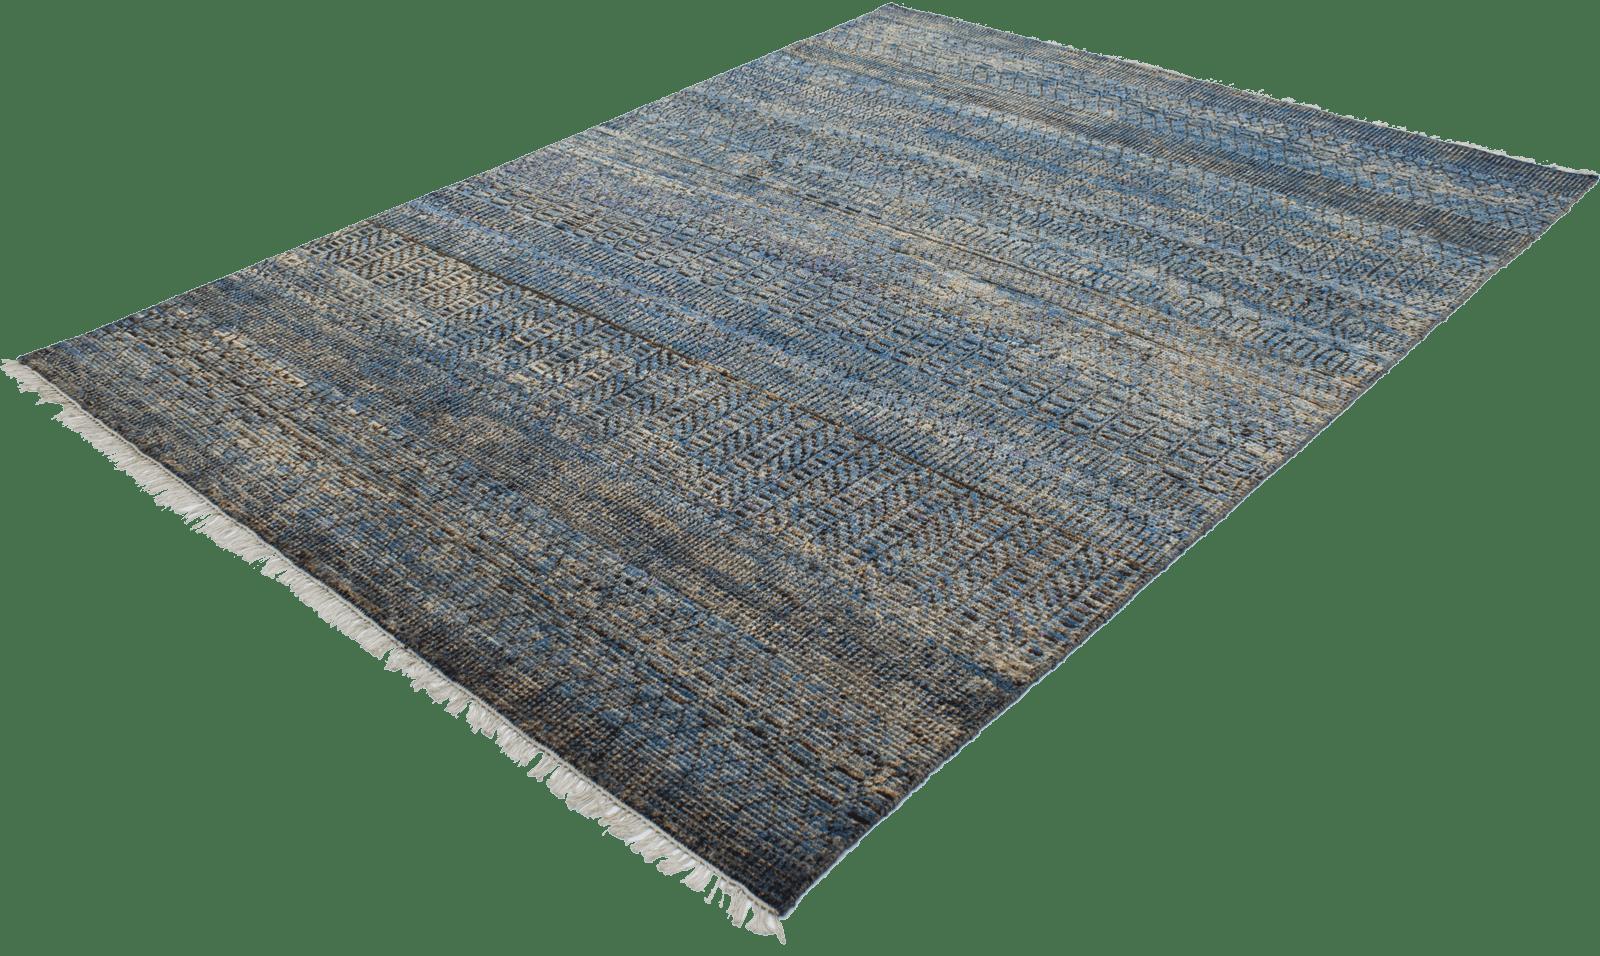 sari-silk-tribal-blue-tapijt-moderne-tapijten-handgeknoopte-design-exclusieve-luxe-vloerkleden-koreman-maastricht